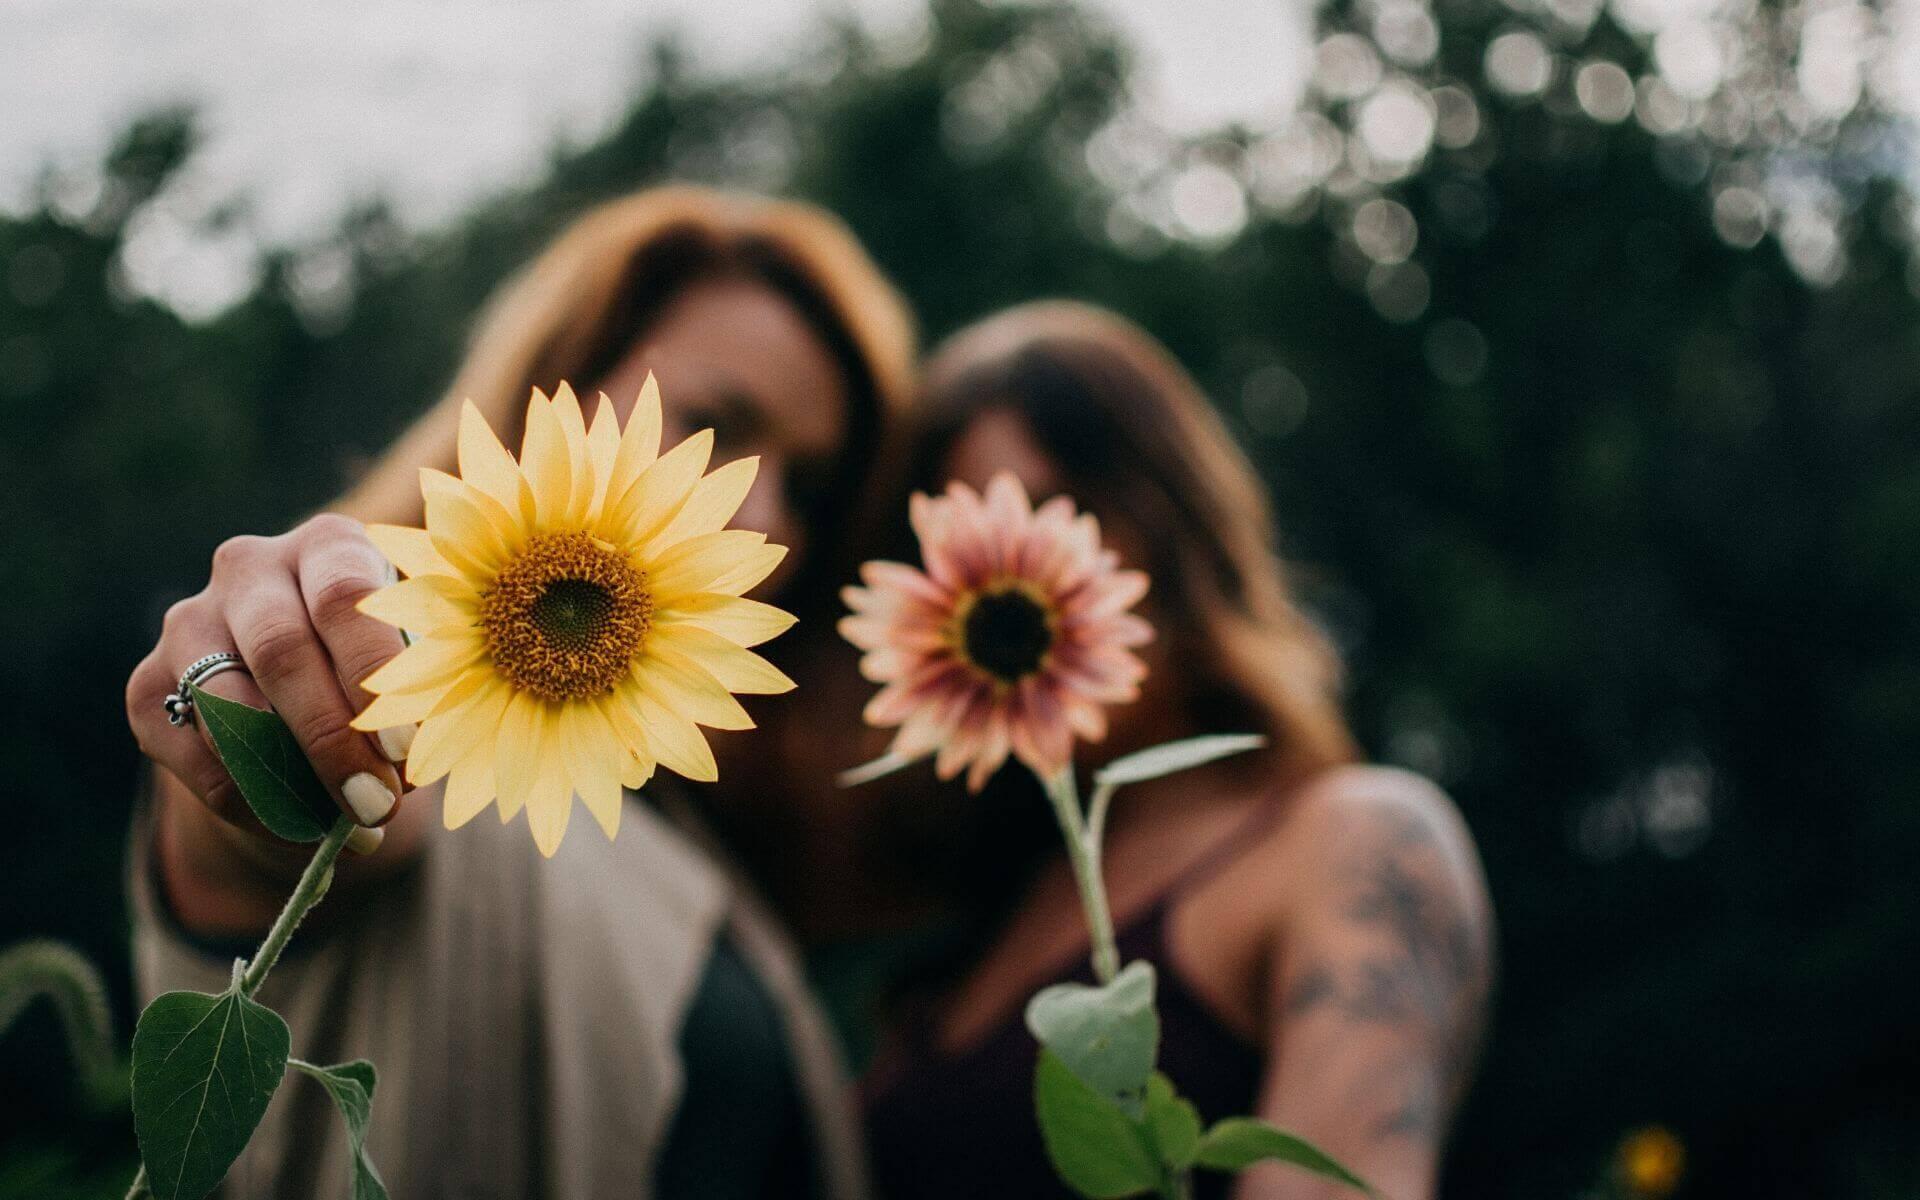 33 Freundschaftssprüche, die du mit deinem Lieblingsmenschen teilen kannst ♥